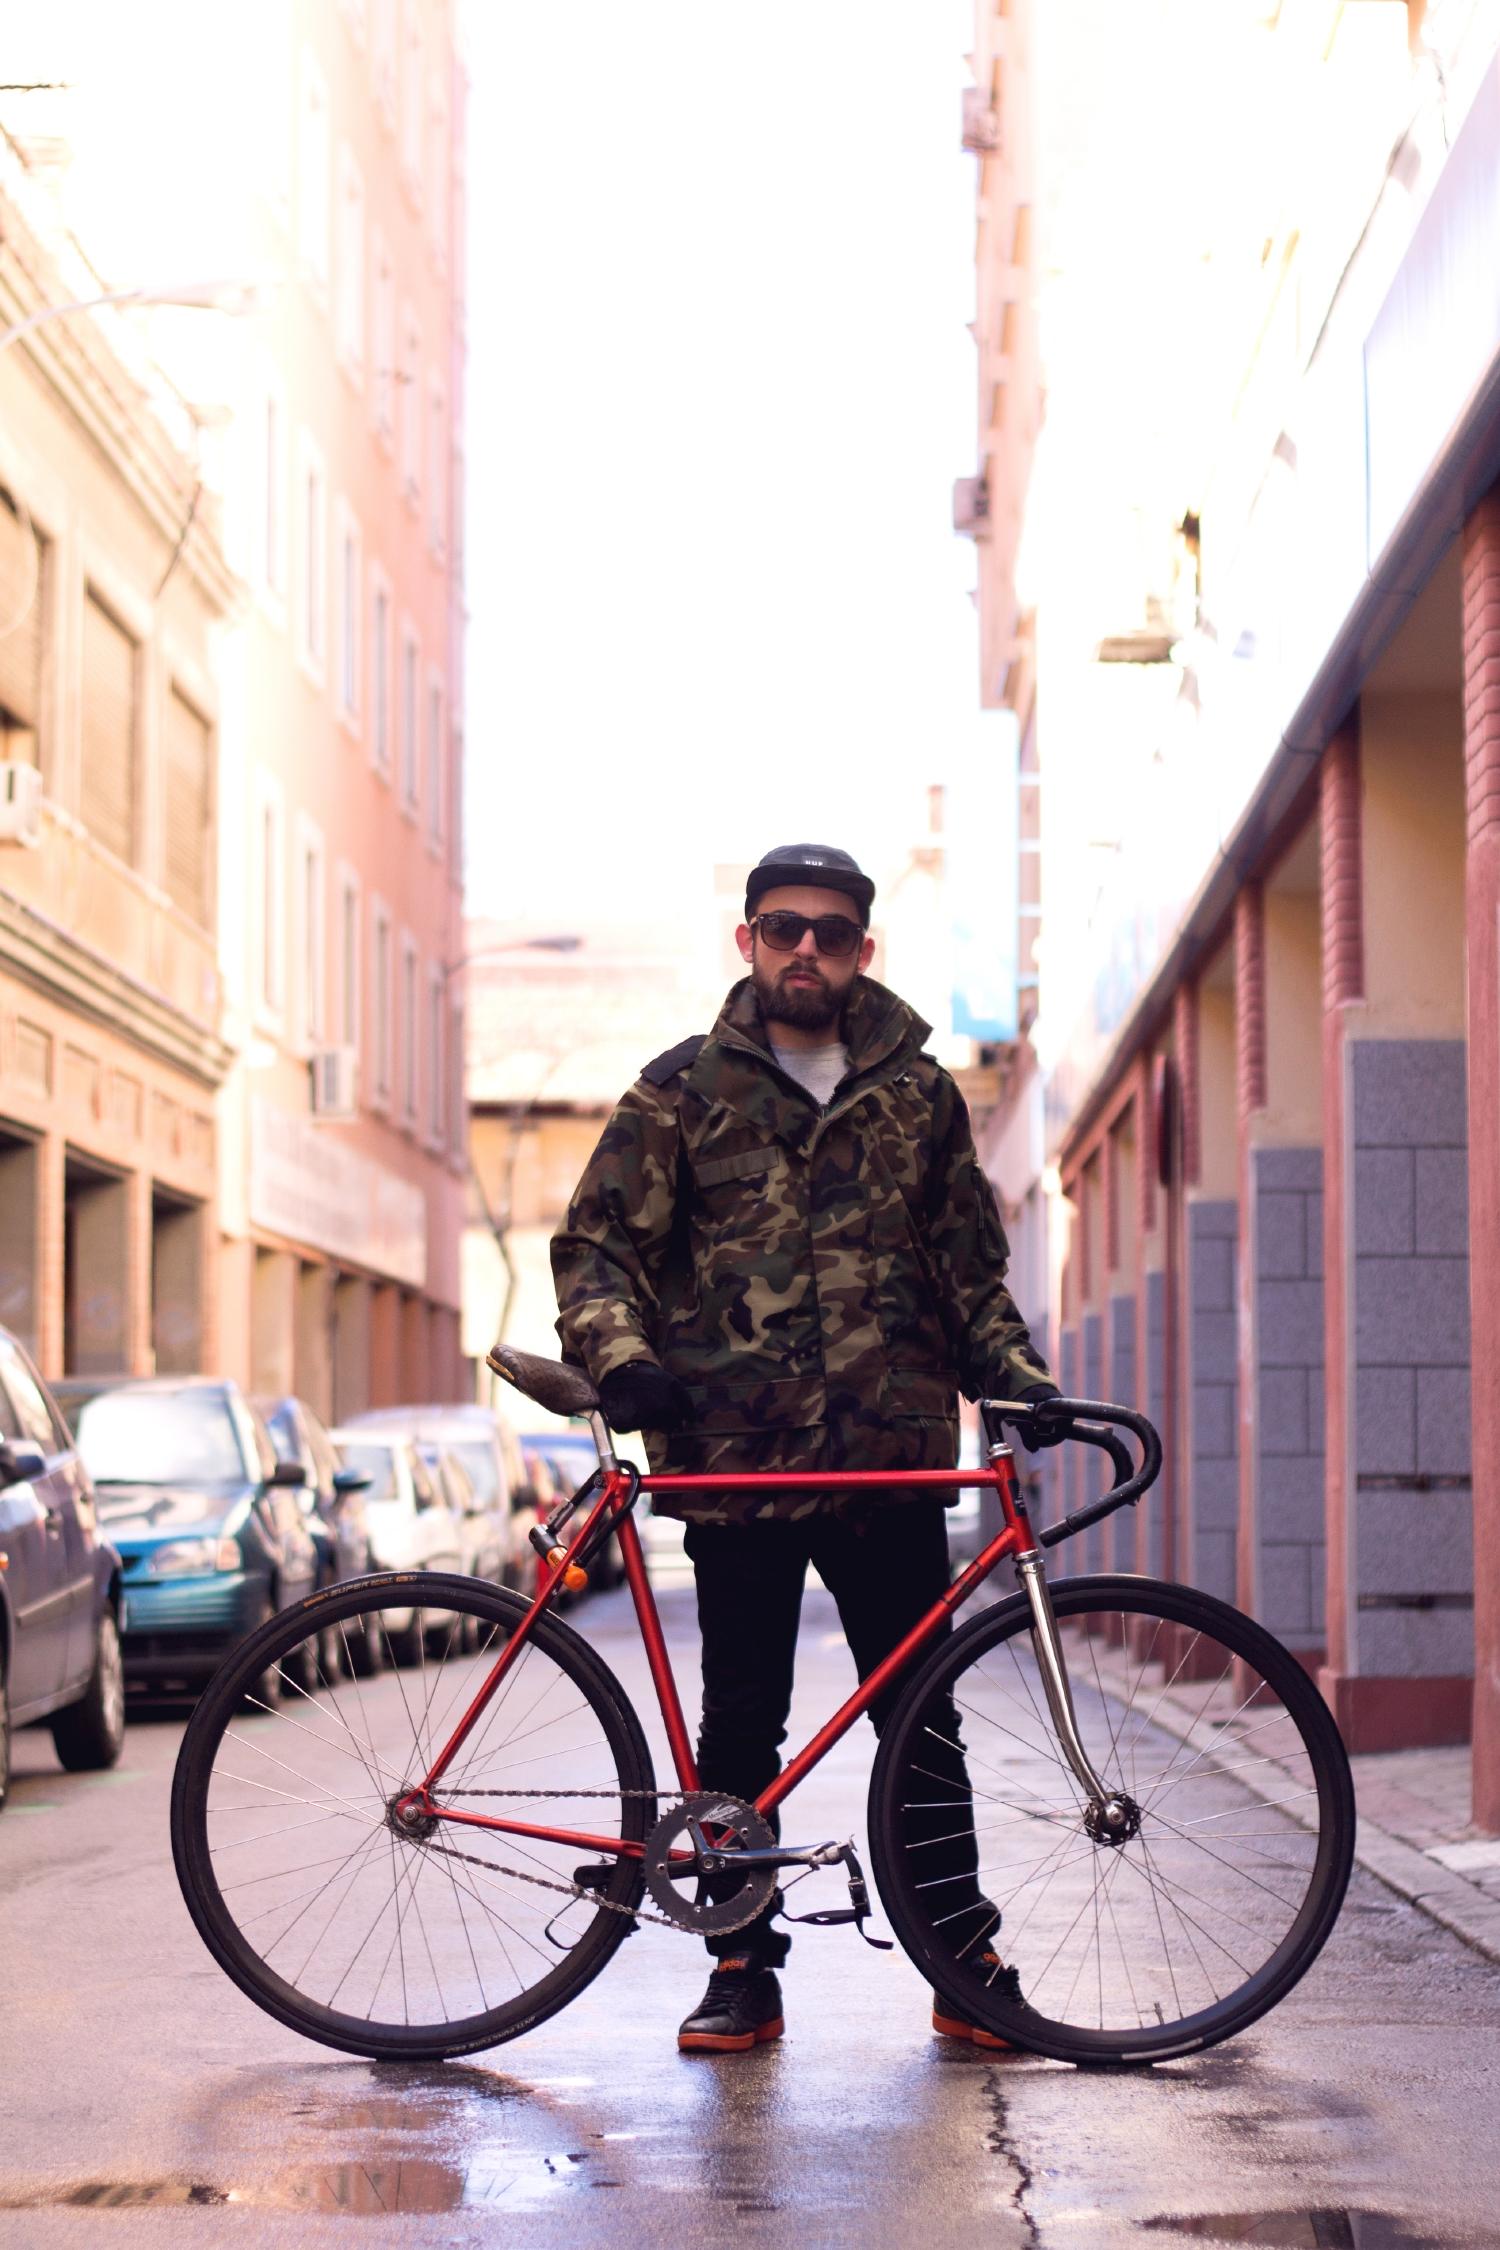 resized_Javi_Munarriz_pose.jpg